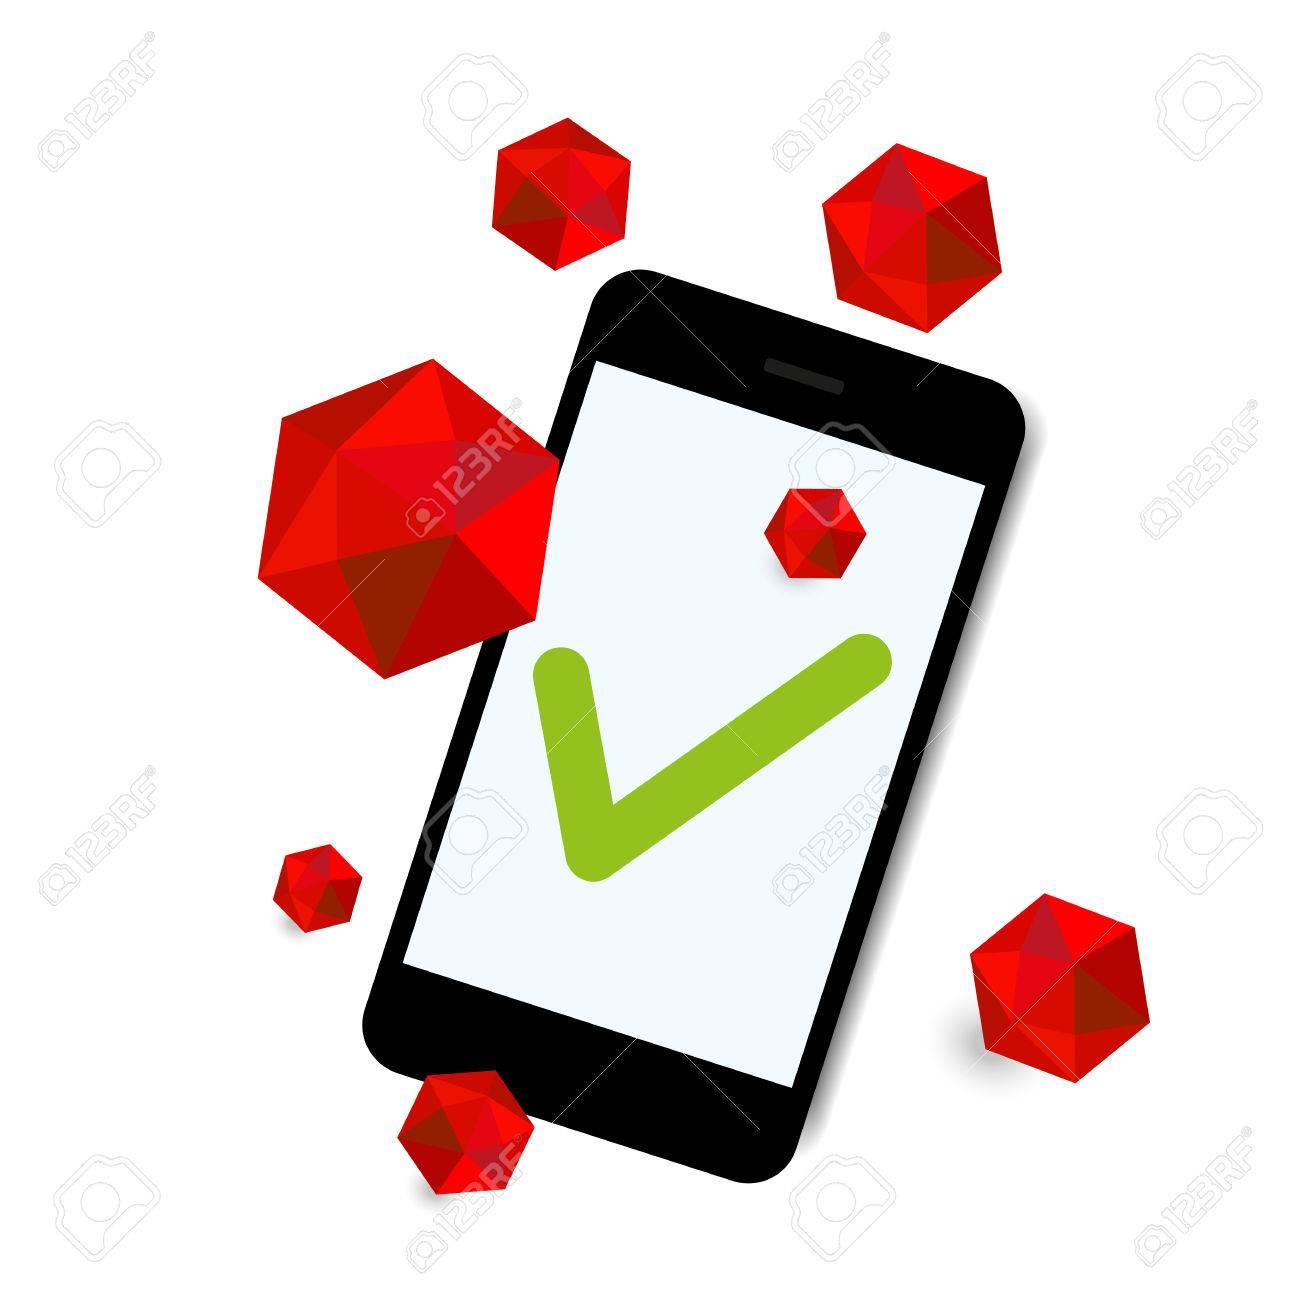 virus attack smart phone background - 31425844